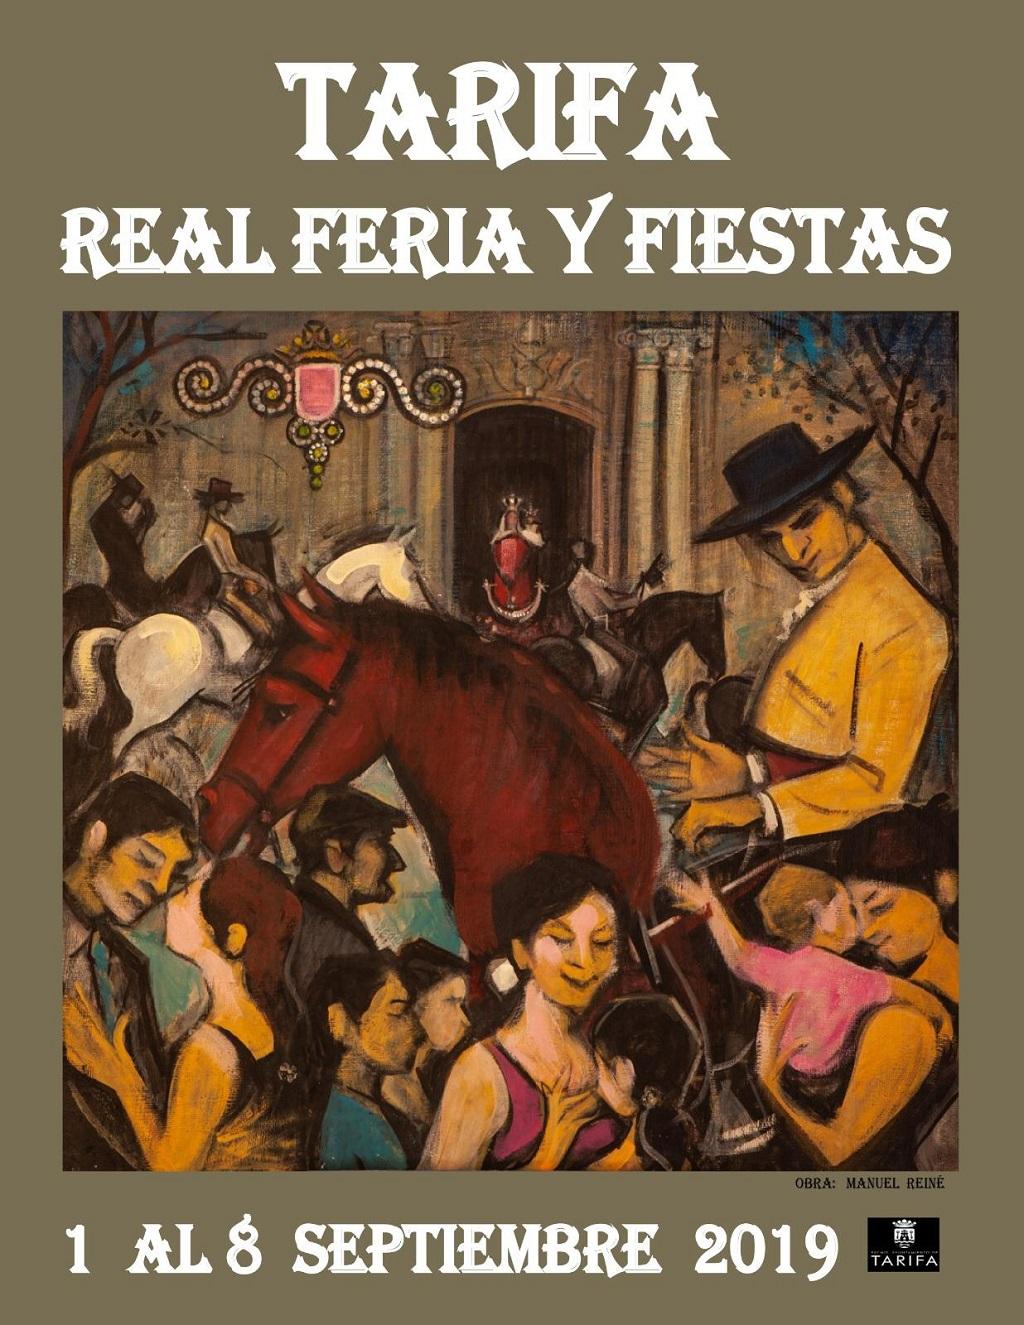 Real Feria y Fiestas 2019 Tarifa